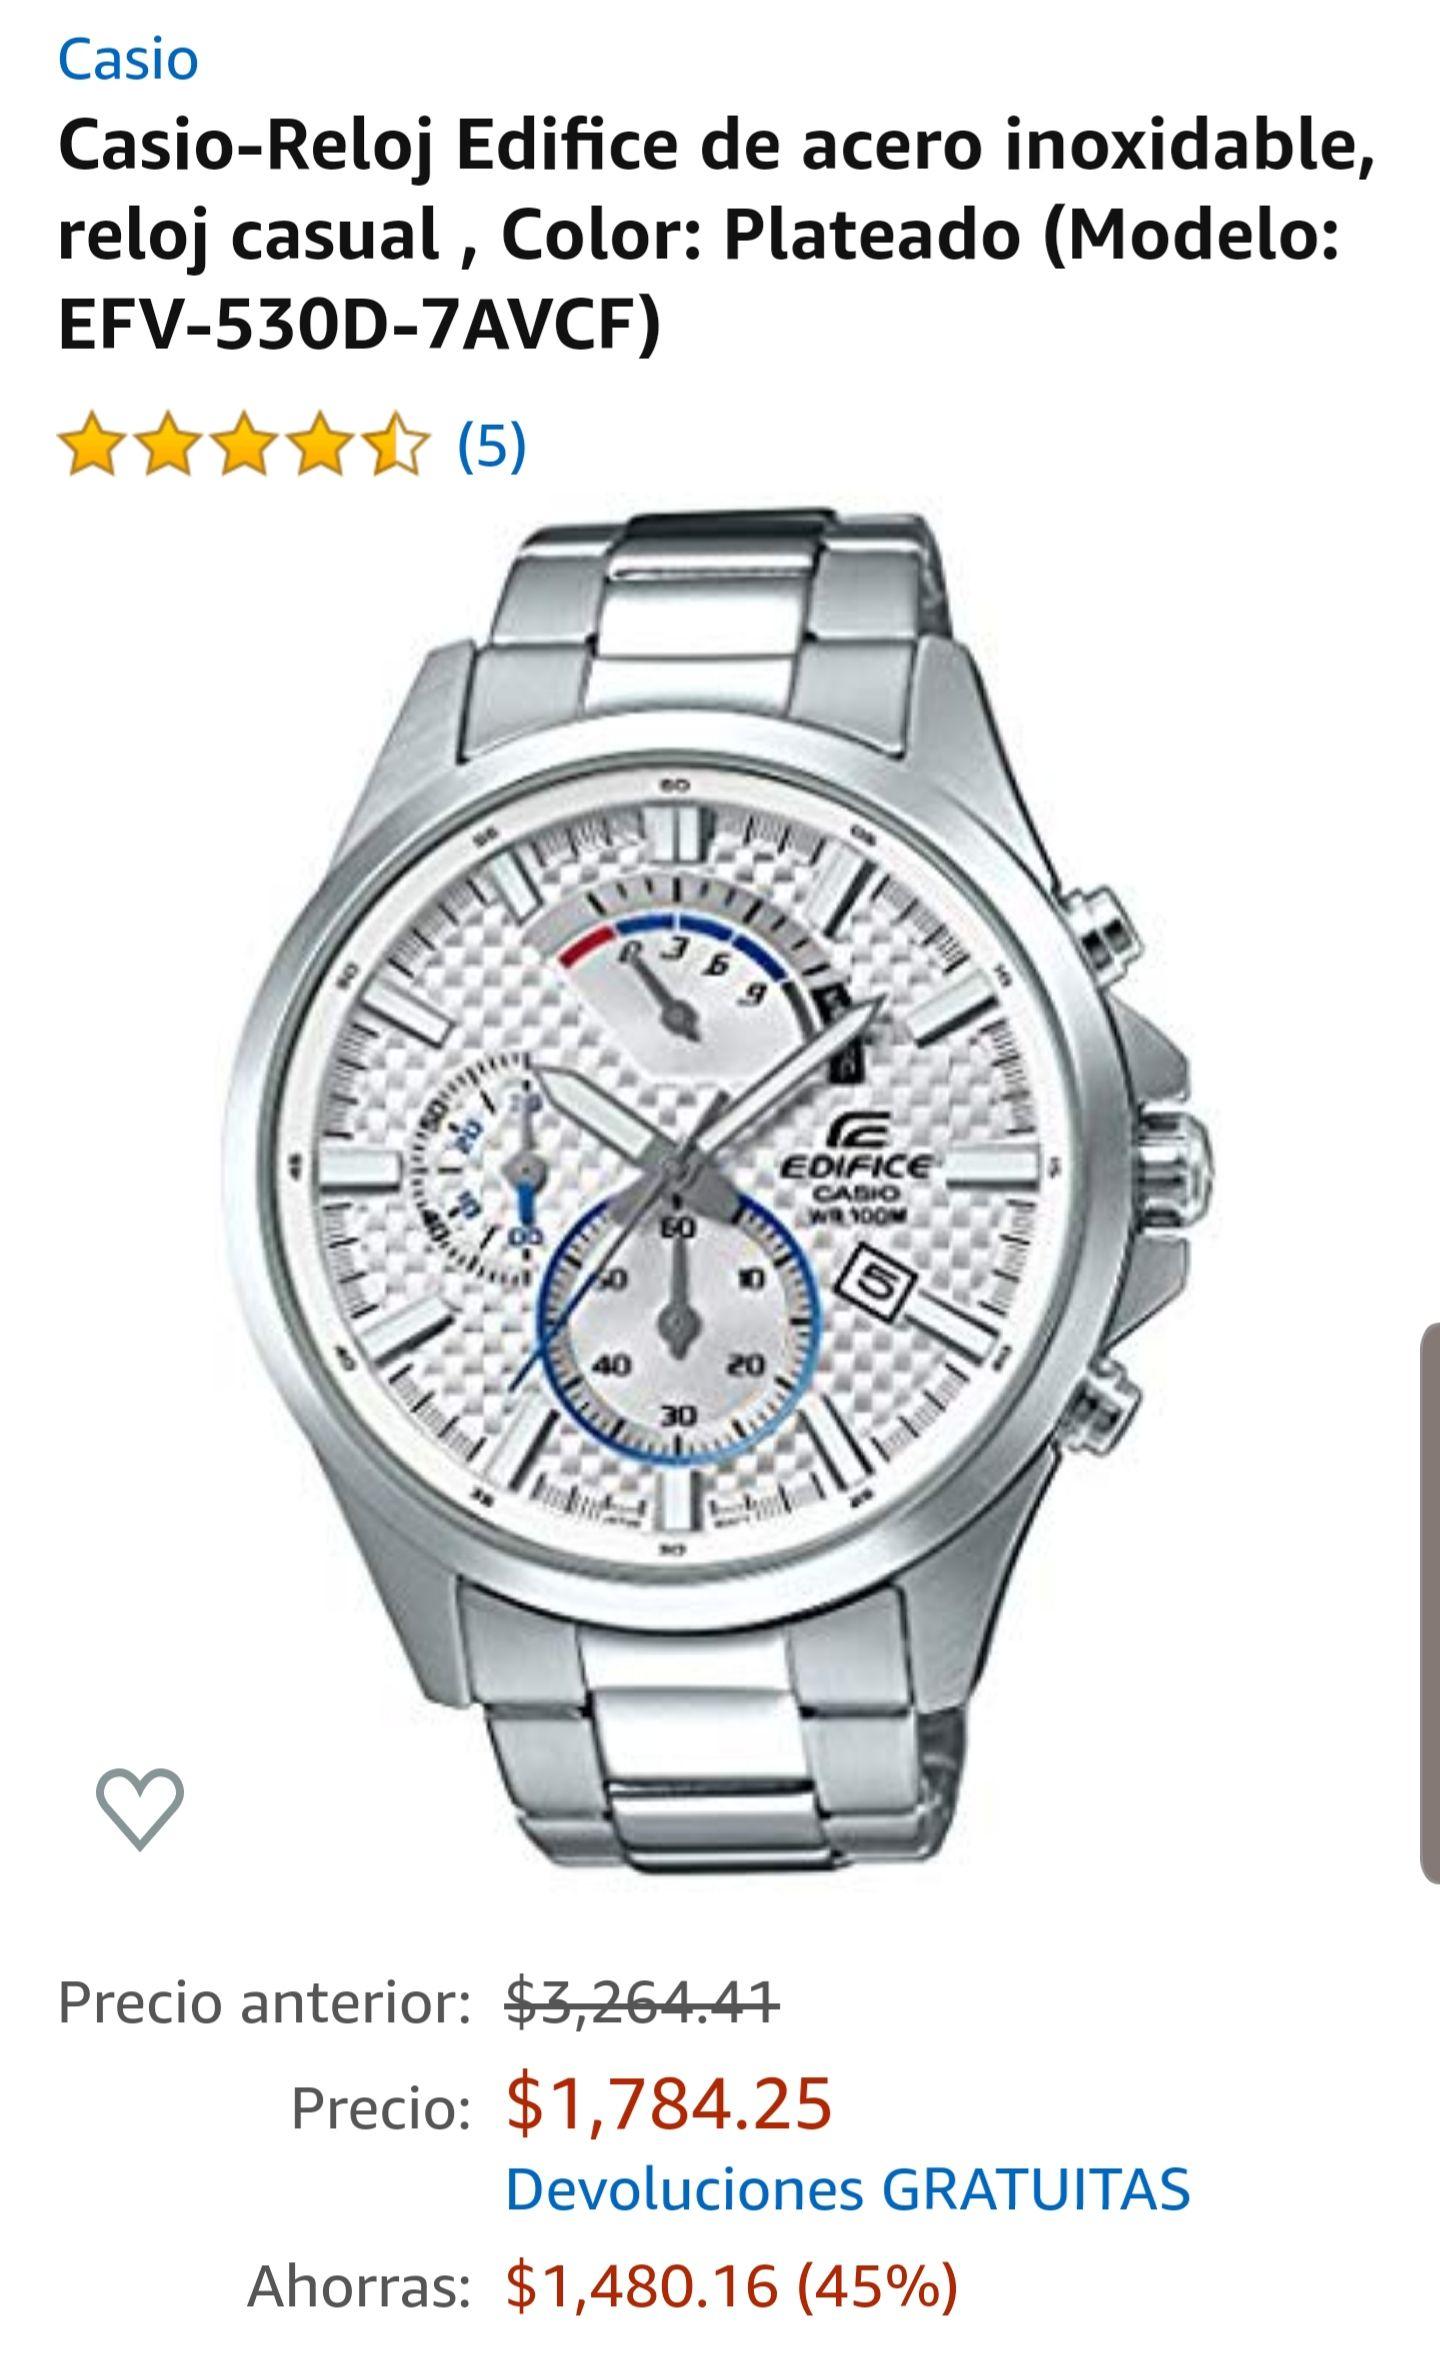 Amazon: Casio-Reloj Edifice de acero inoxidable, reloj casual